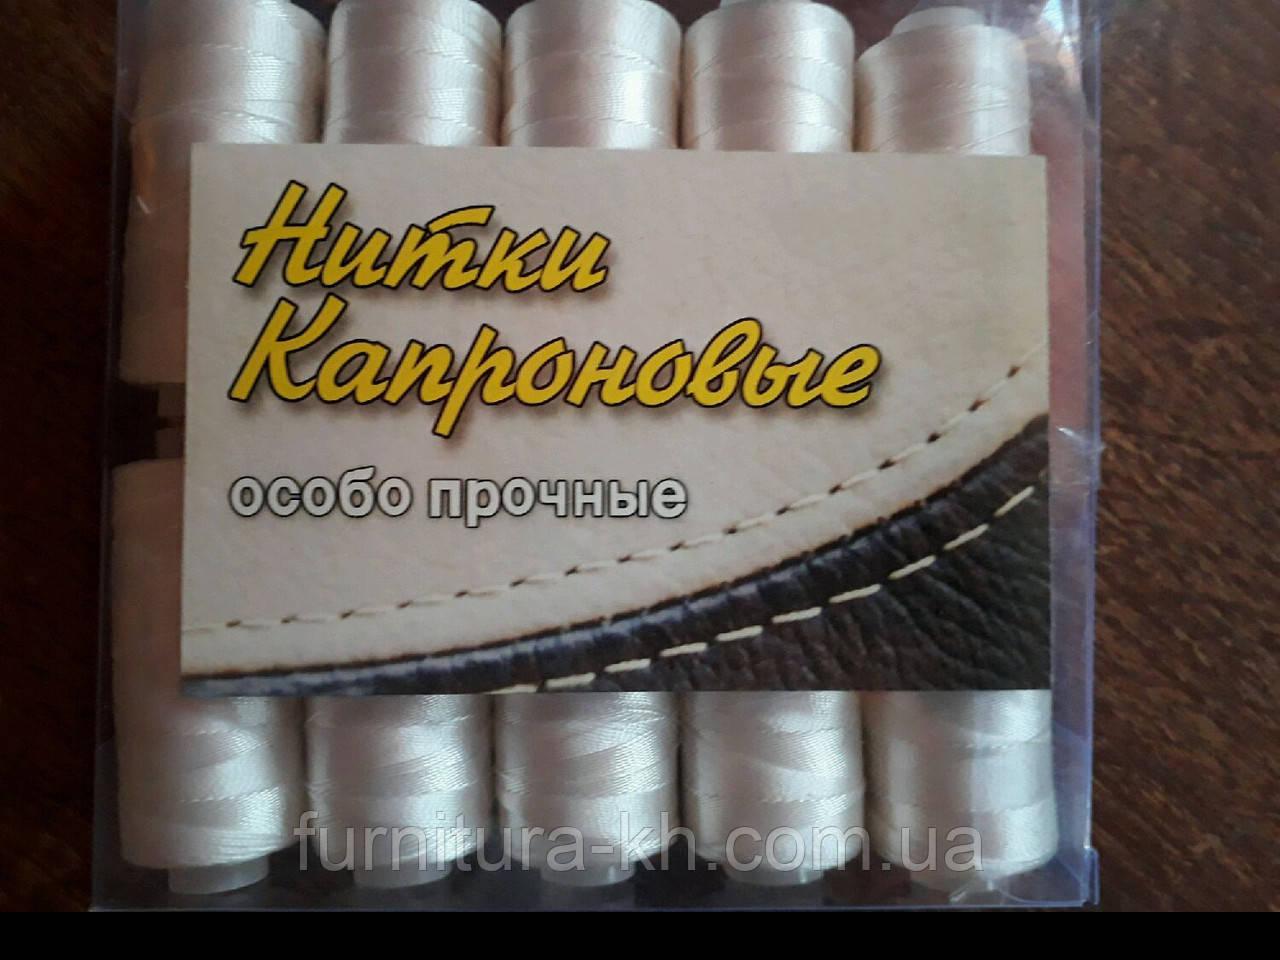 Нитки Капронові особопрочные Білі В упаковці 10 шт